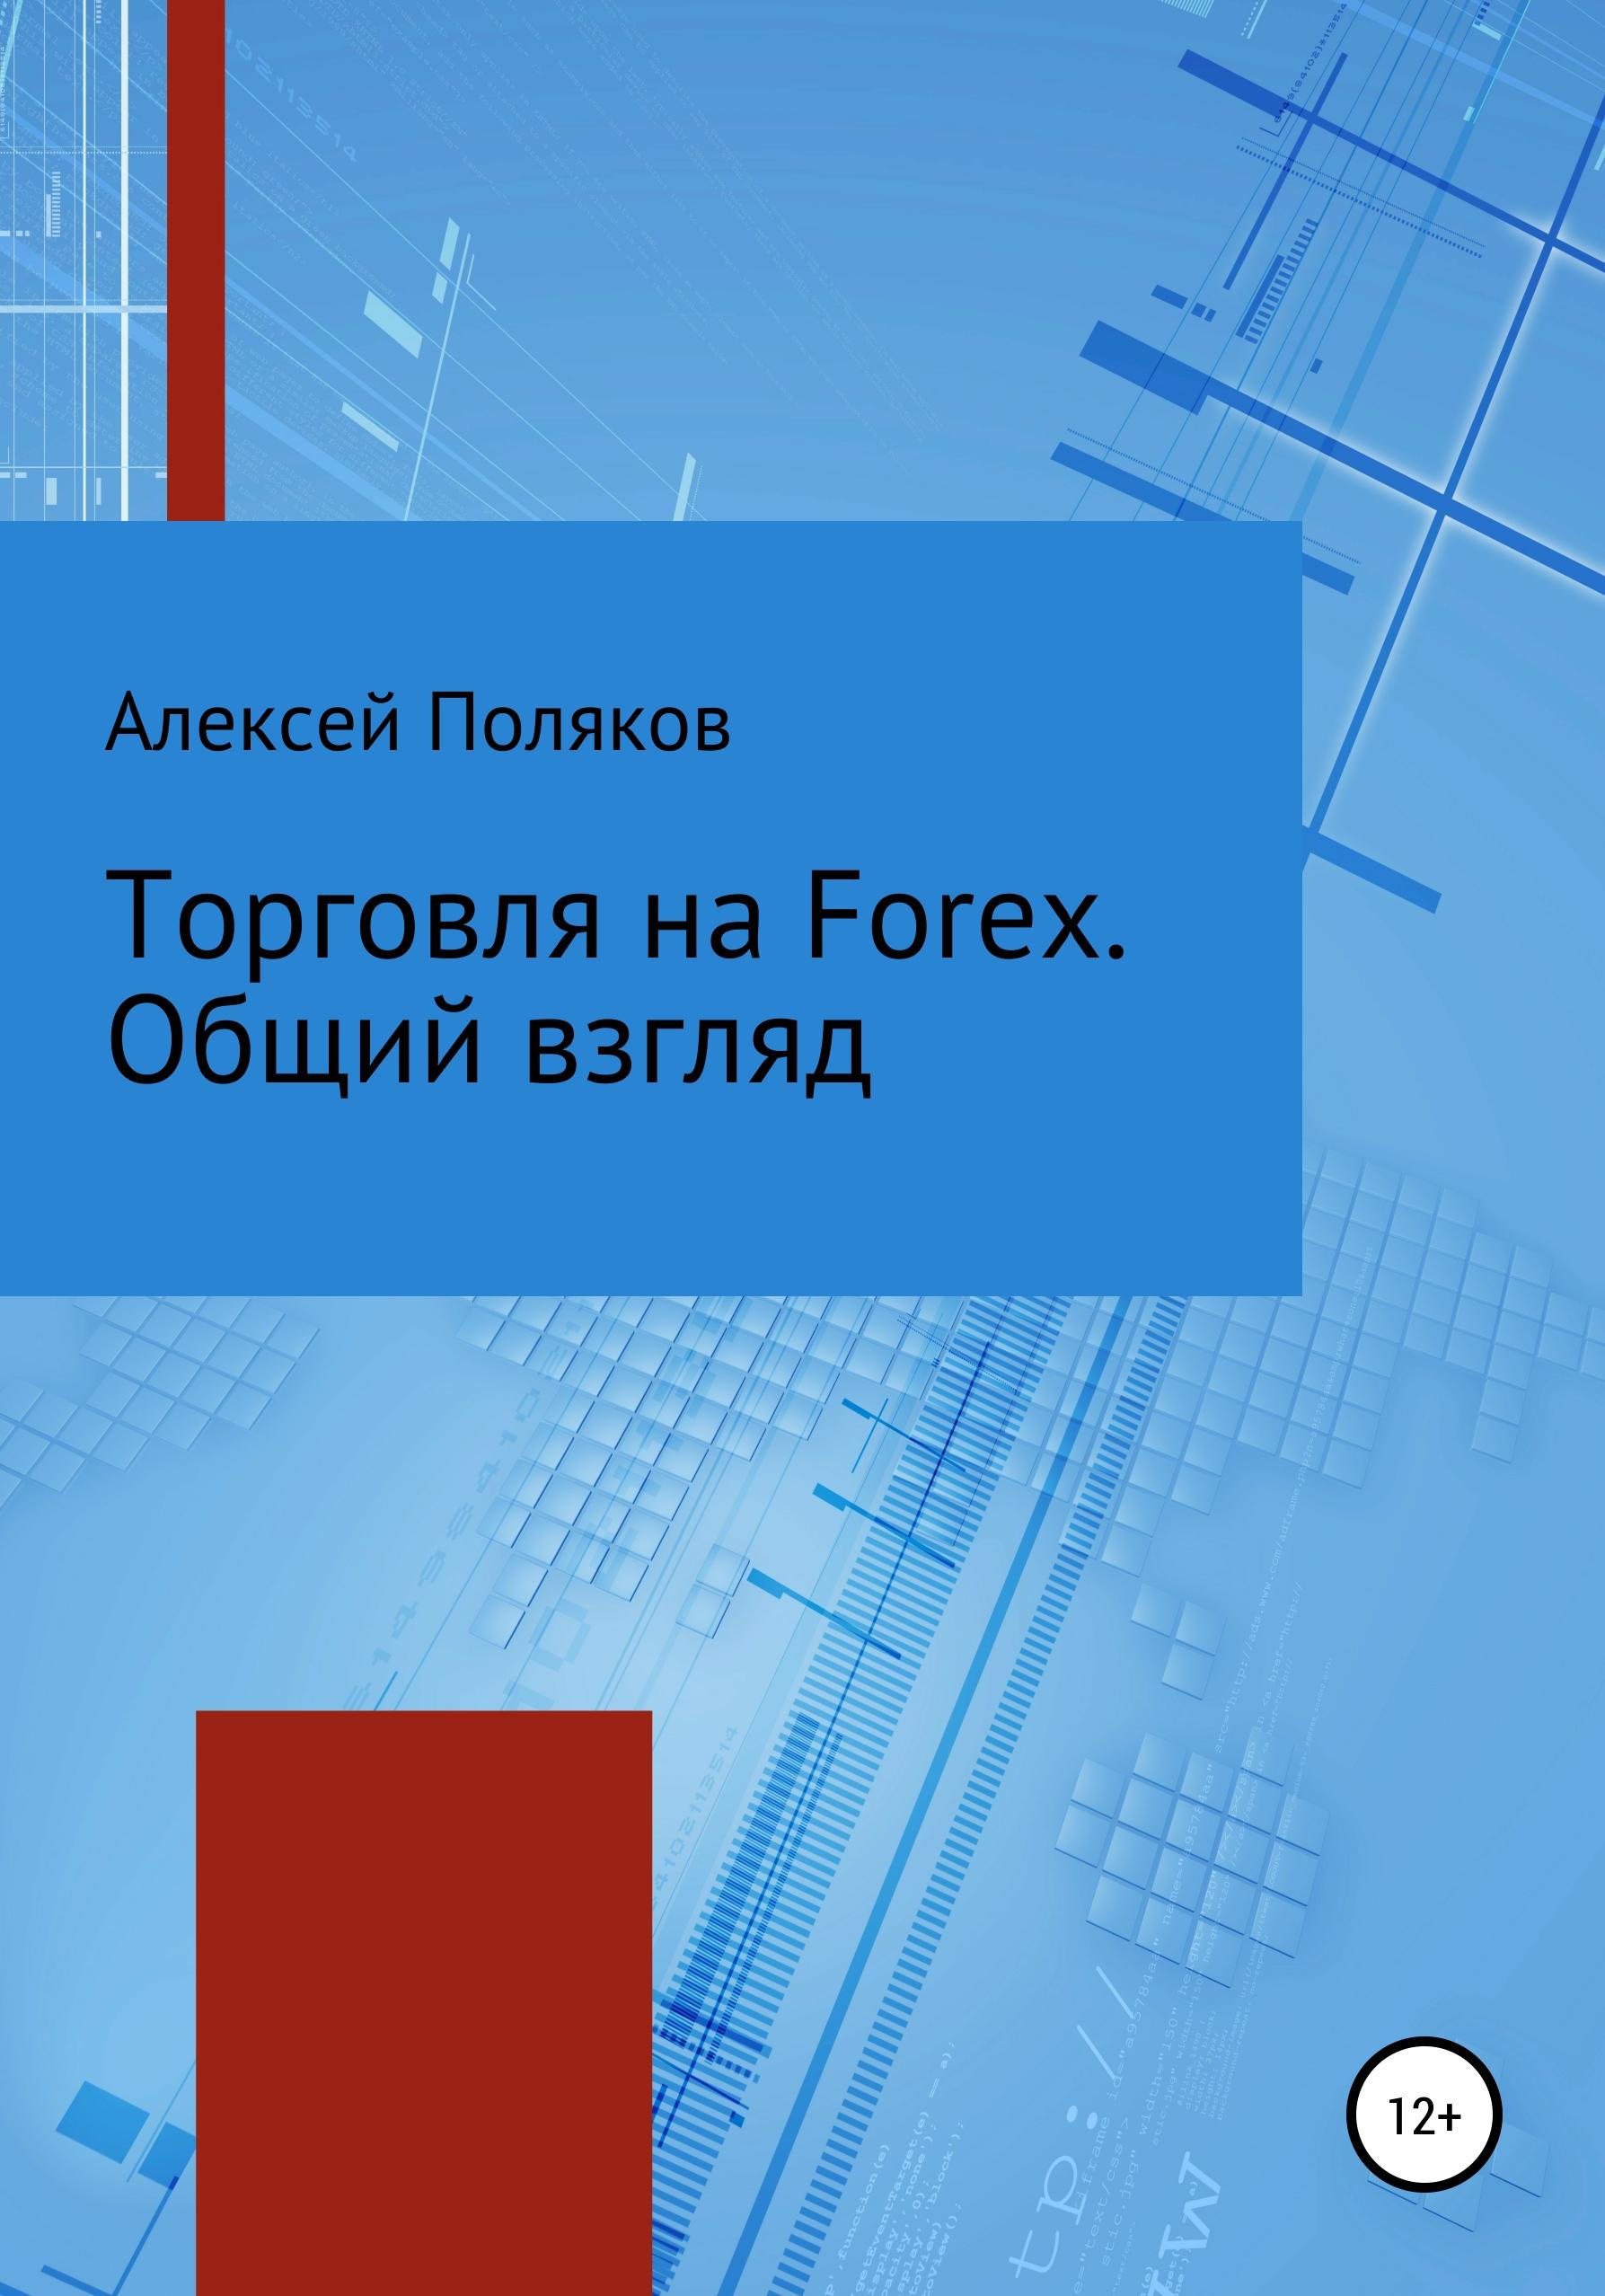 Купить книгу Торговля на Forex. Общий взгляд, автора Алексея Полякова